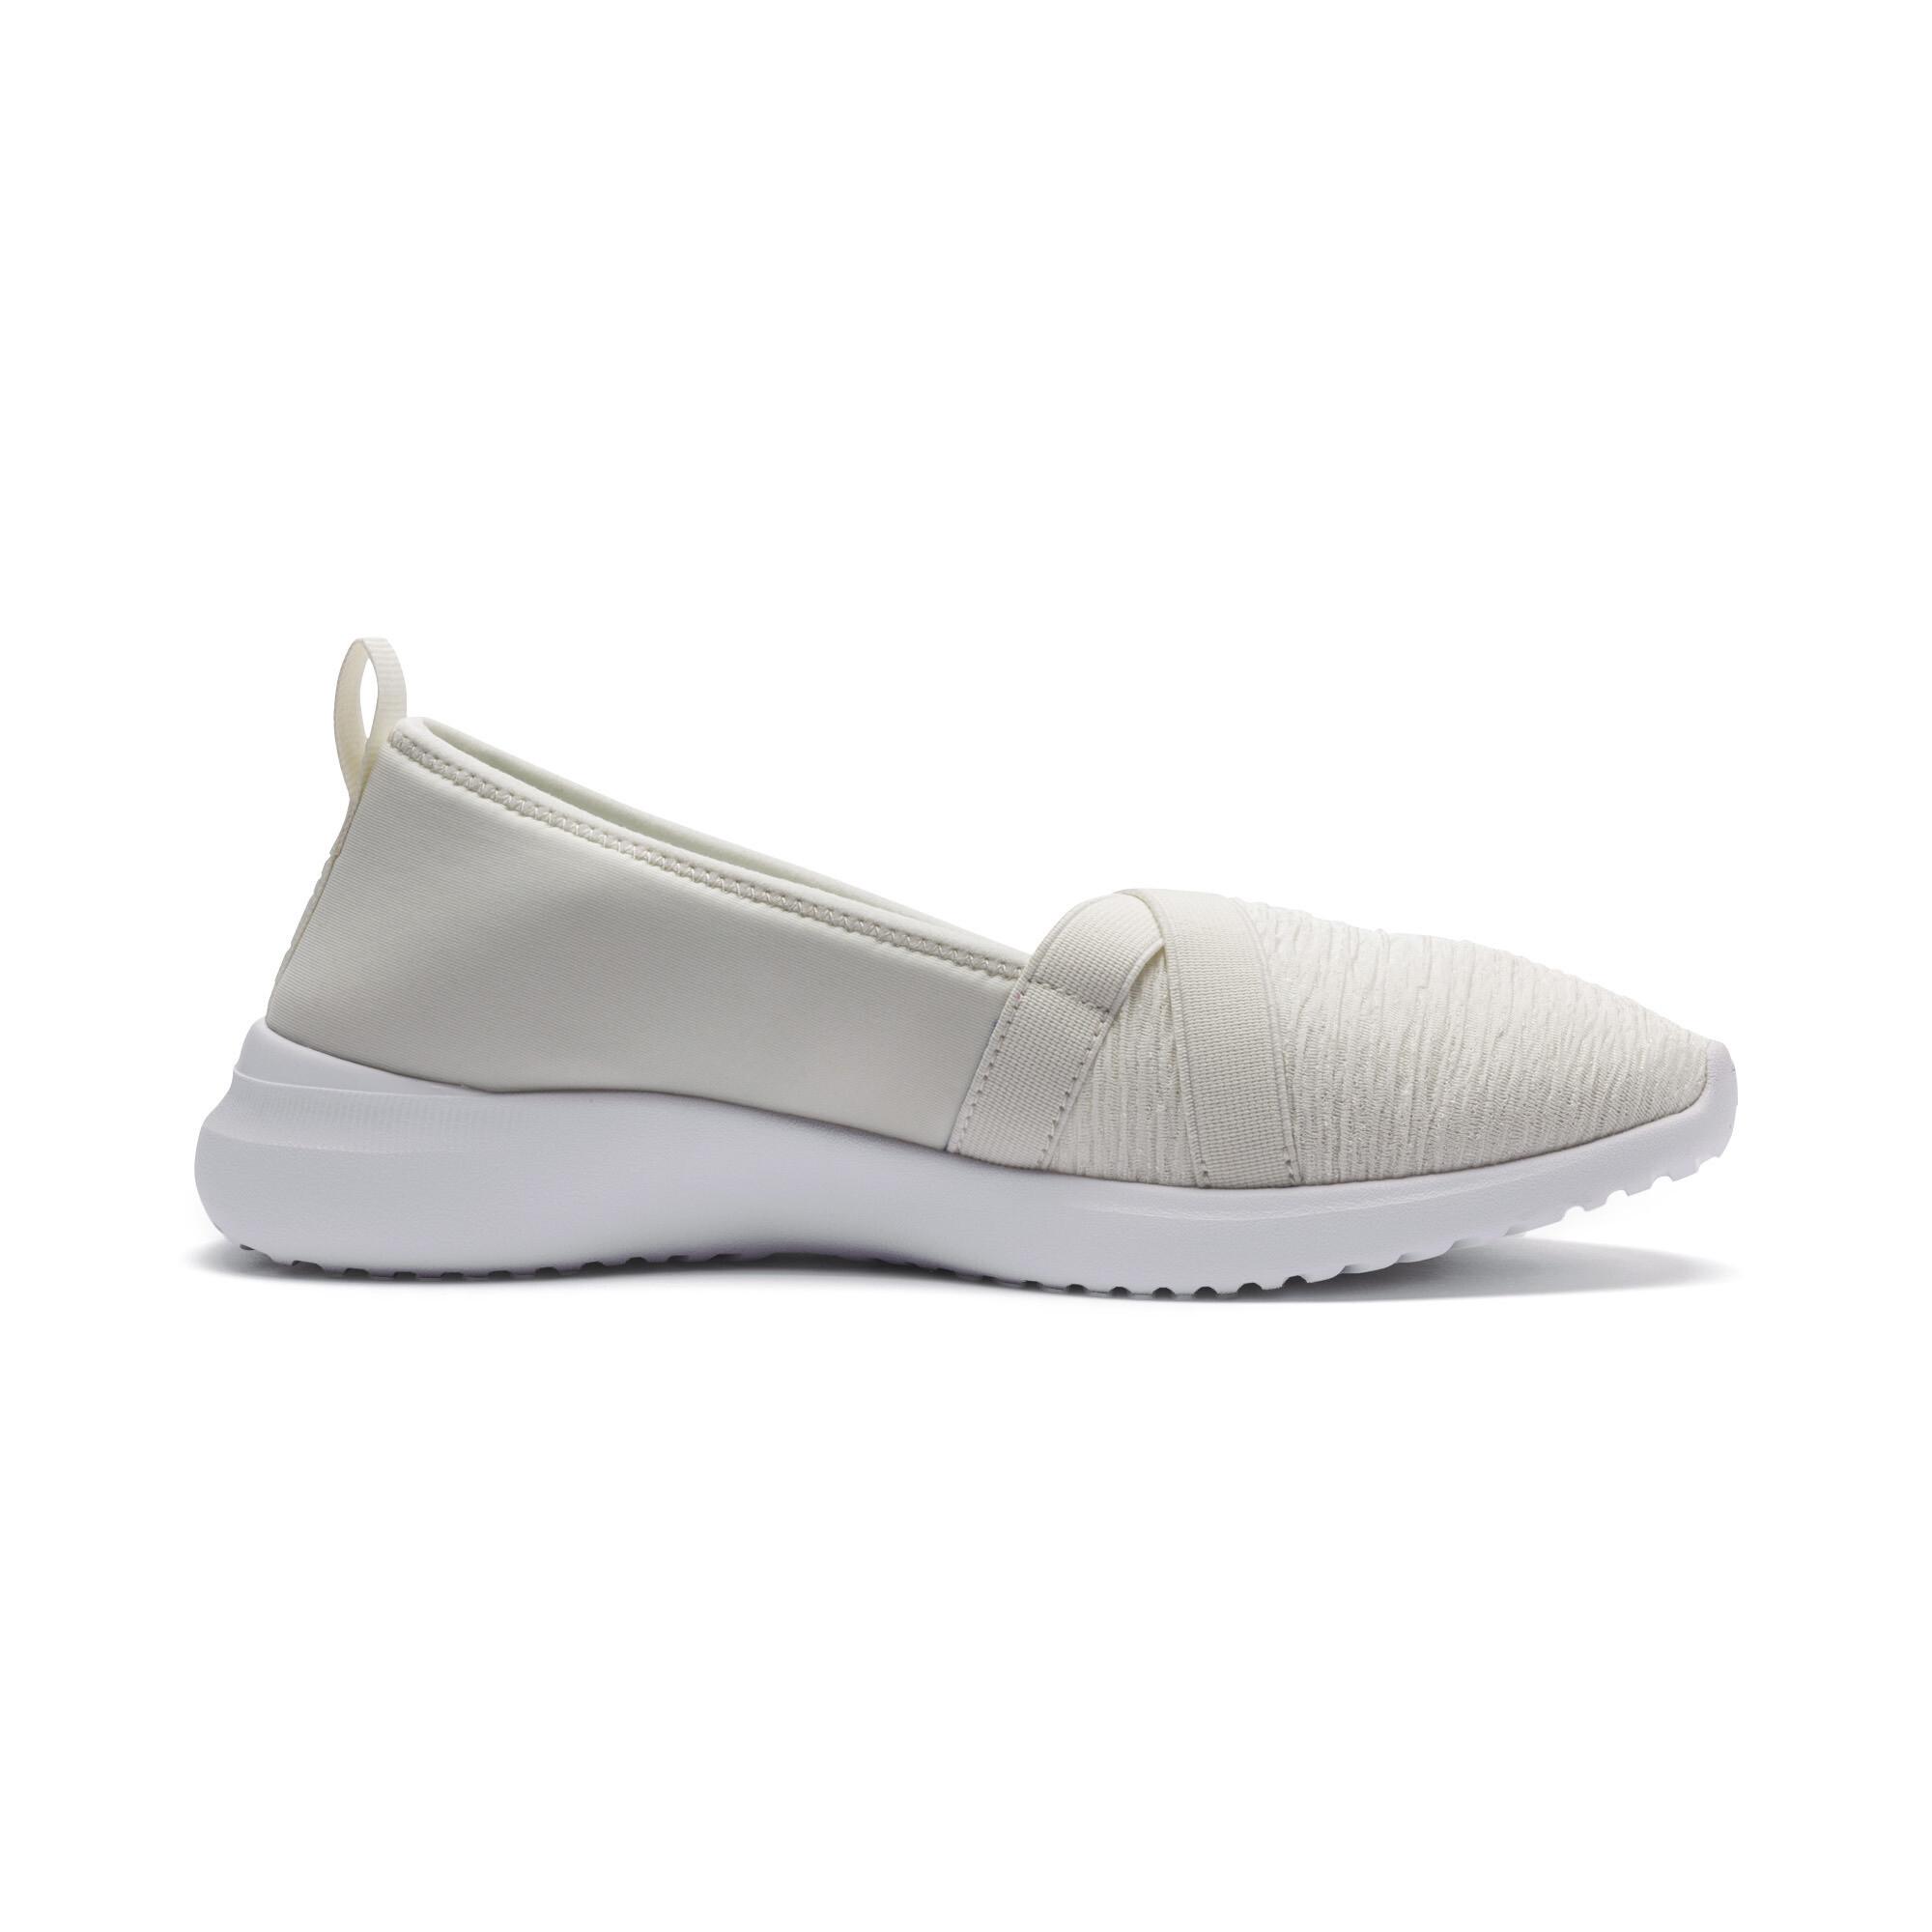 PUMA-Adelina-Women-s-Ballet-Shoes-Women-Shoe-Basics thumbnail 6